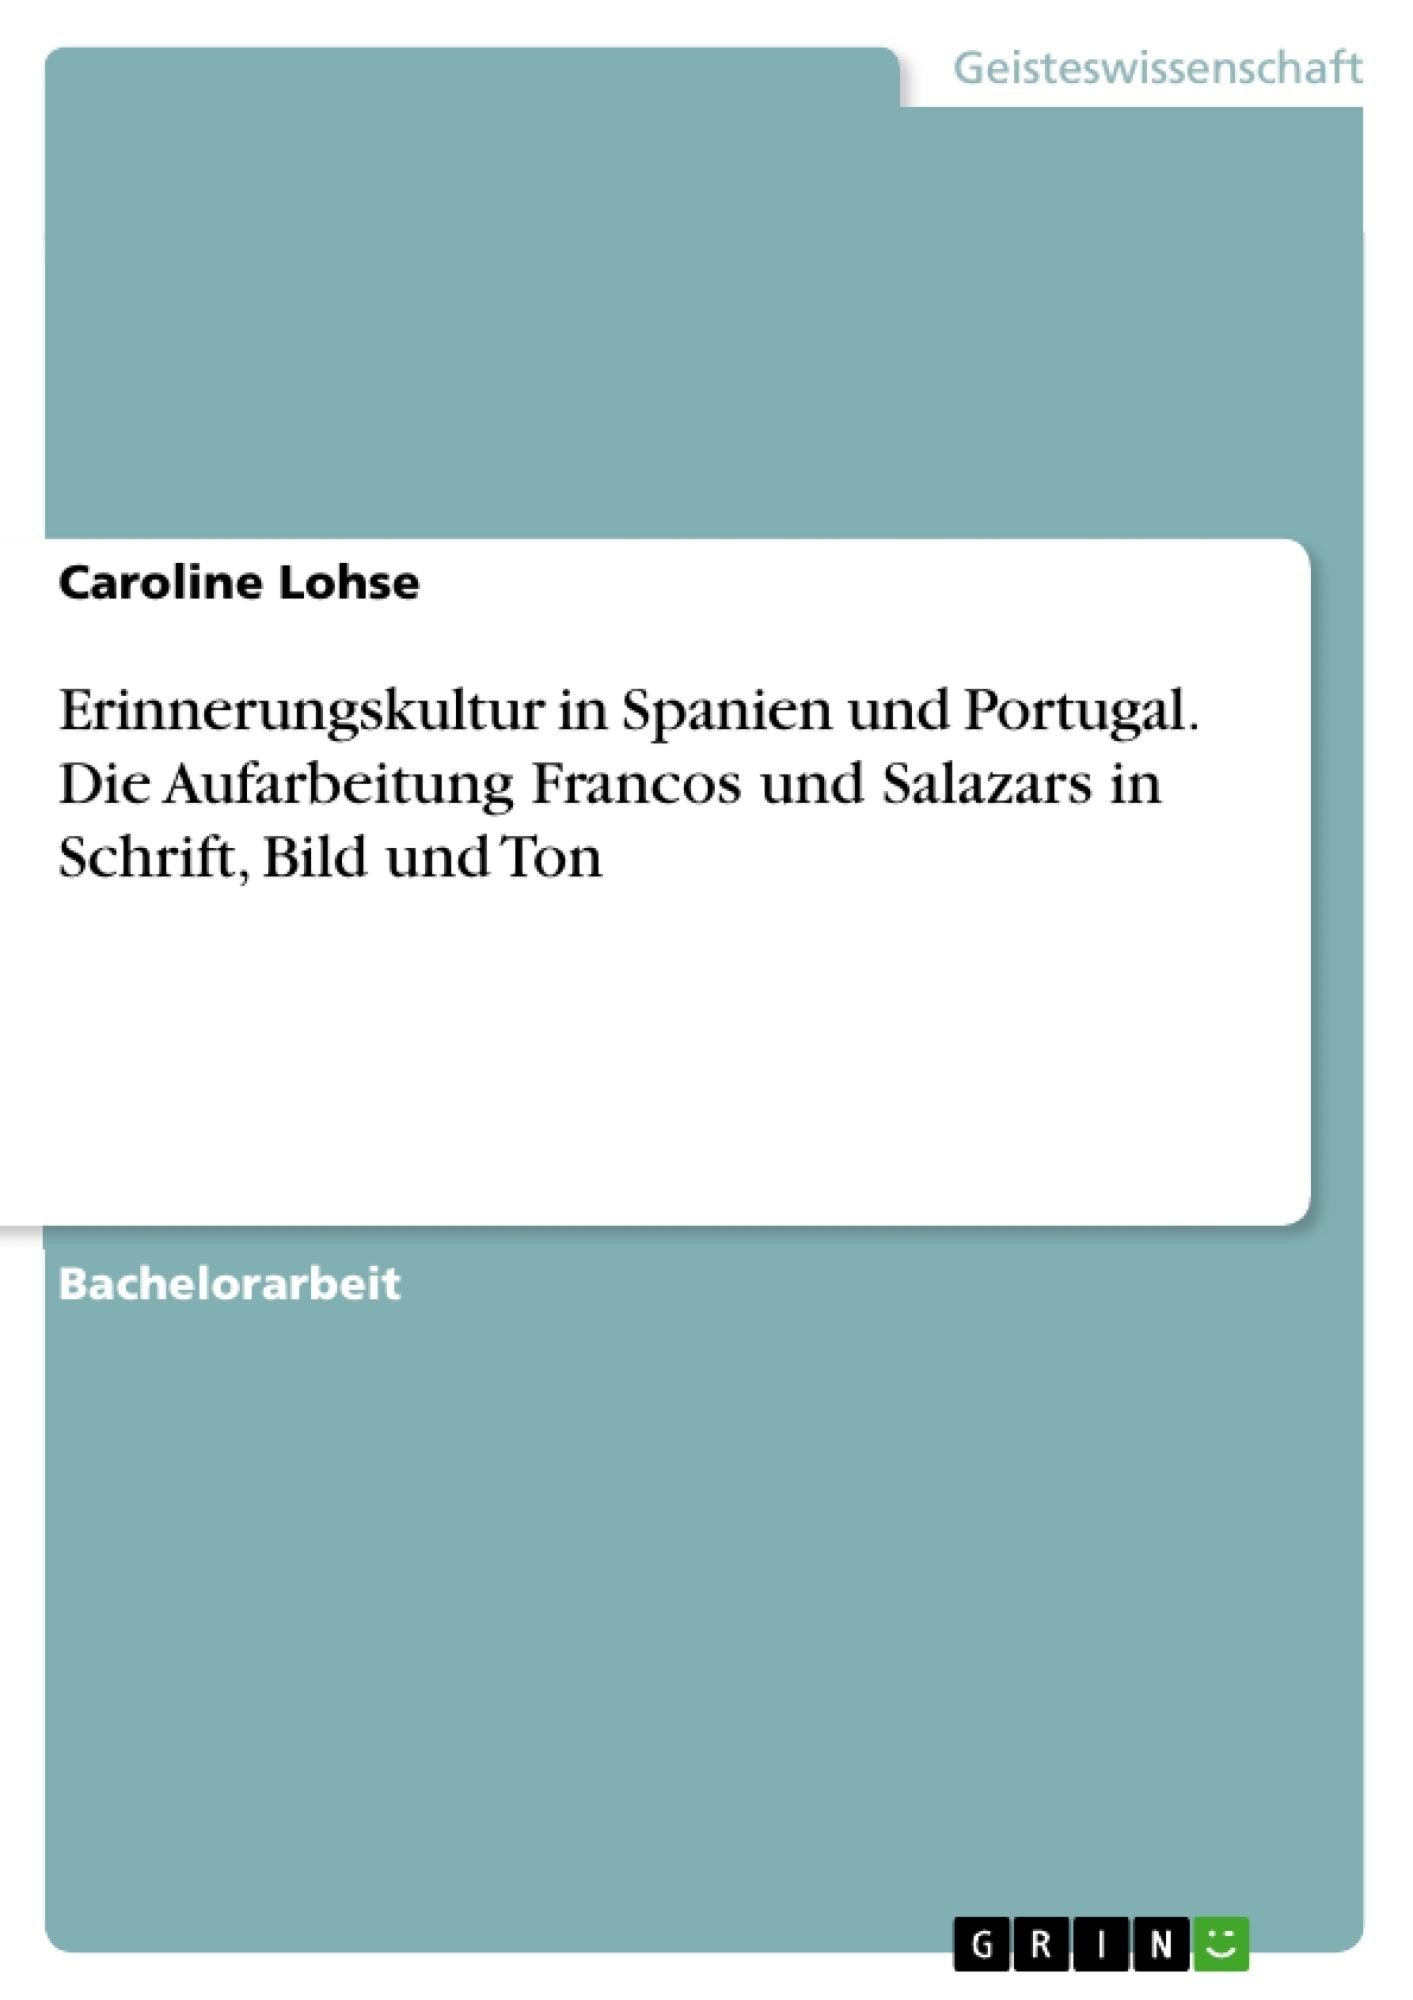 Titel: Erinnerungskultur in Spanien und Portugal. Die Aufarbeitung Francos und Salazars in Schrift, Bild und Ton